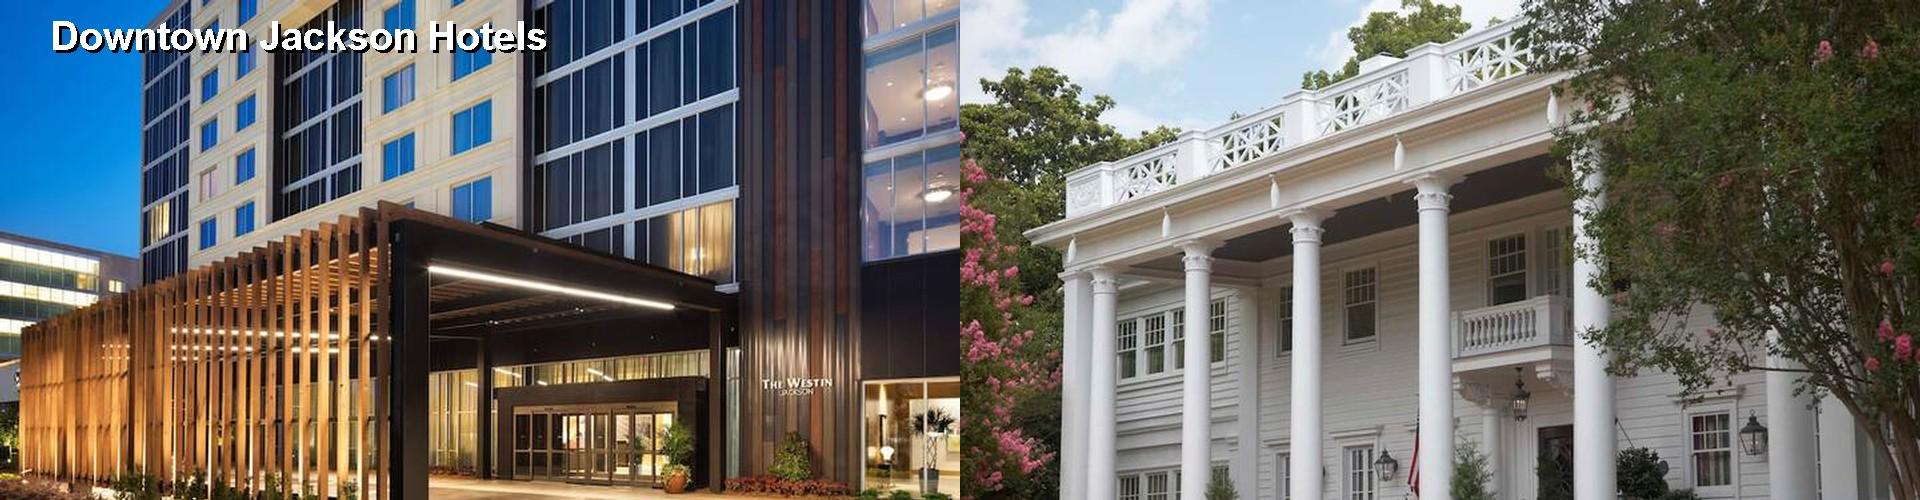 5 Best Hotels Near Downtown Jackson